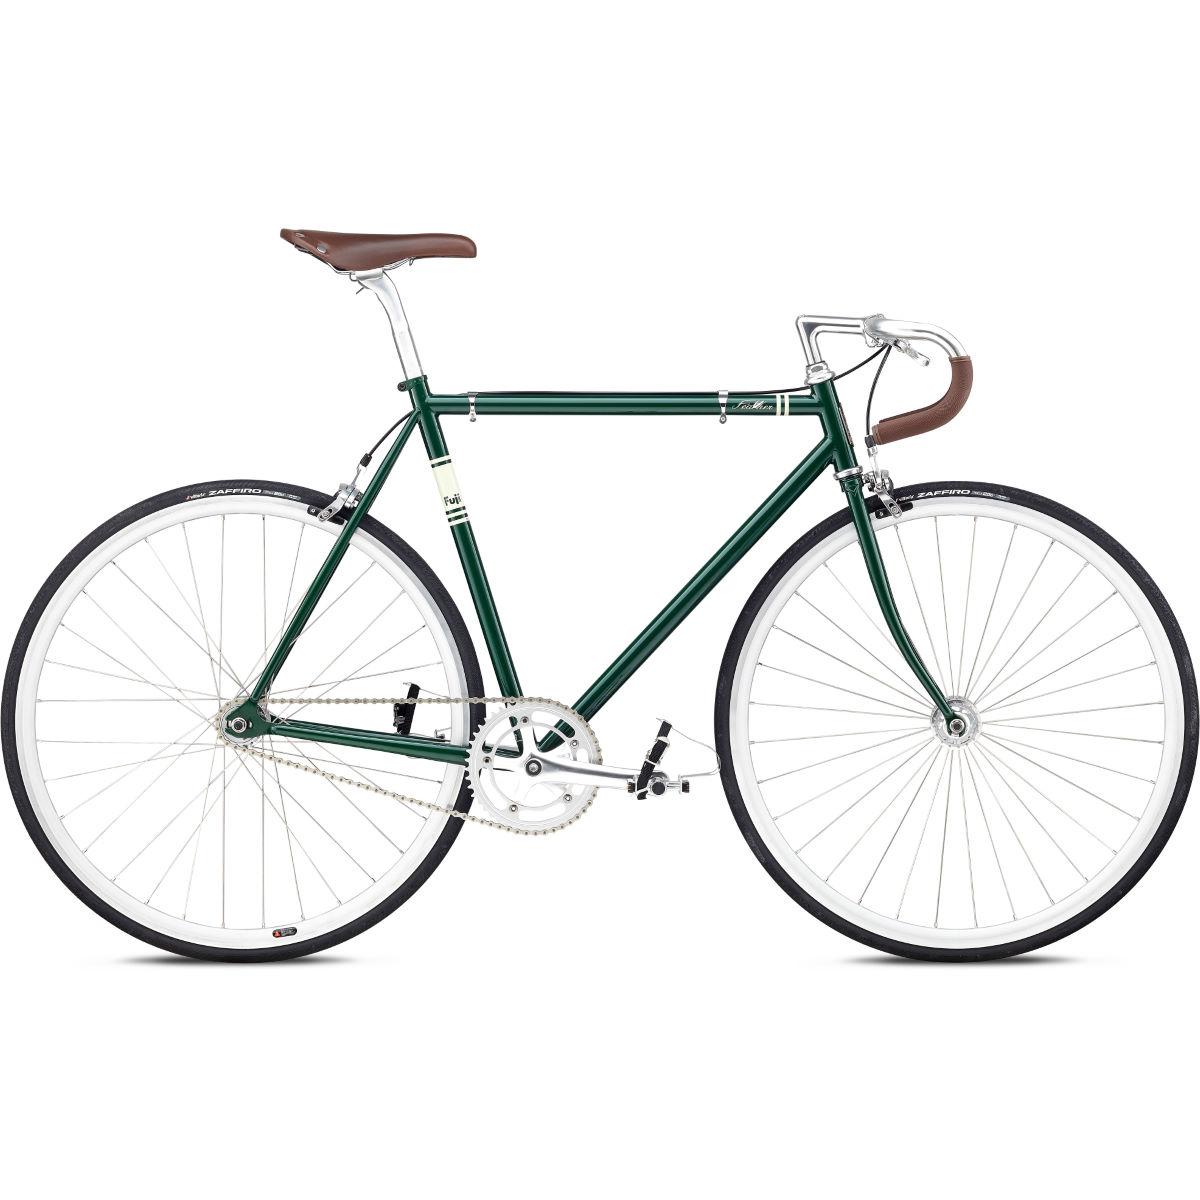 Fuji Feather Racing Bikes